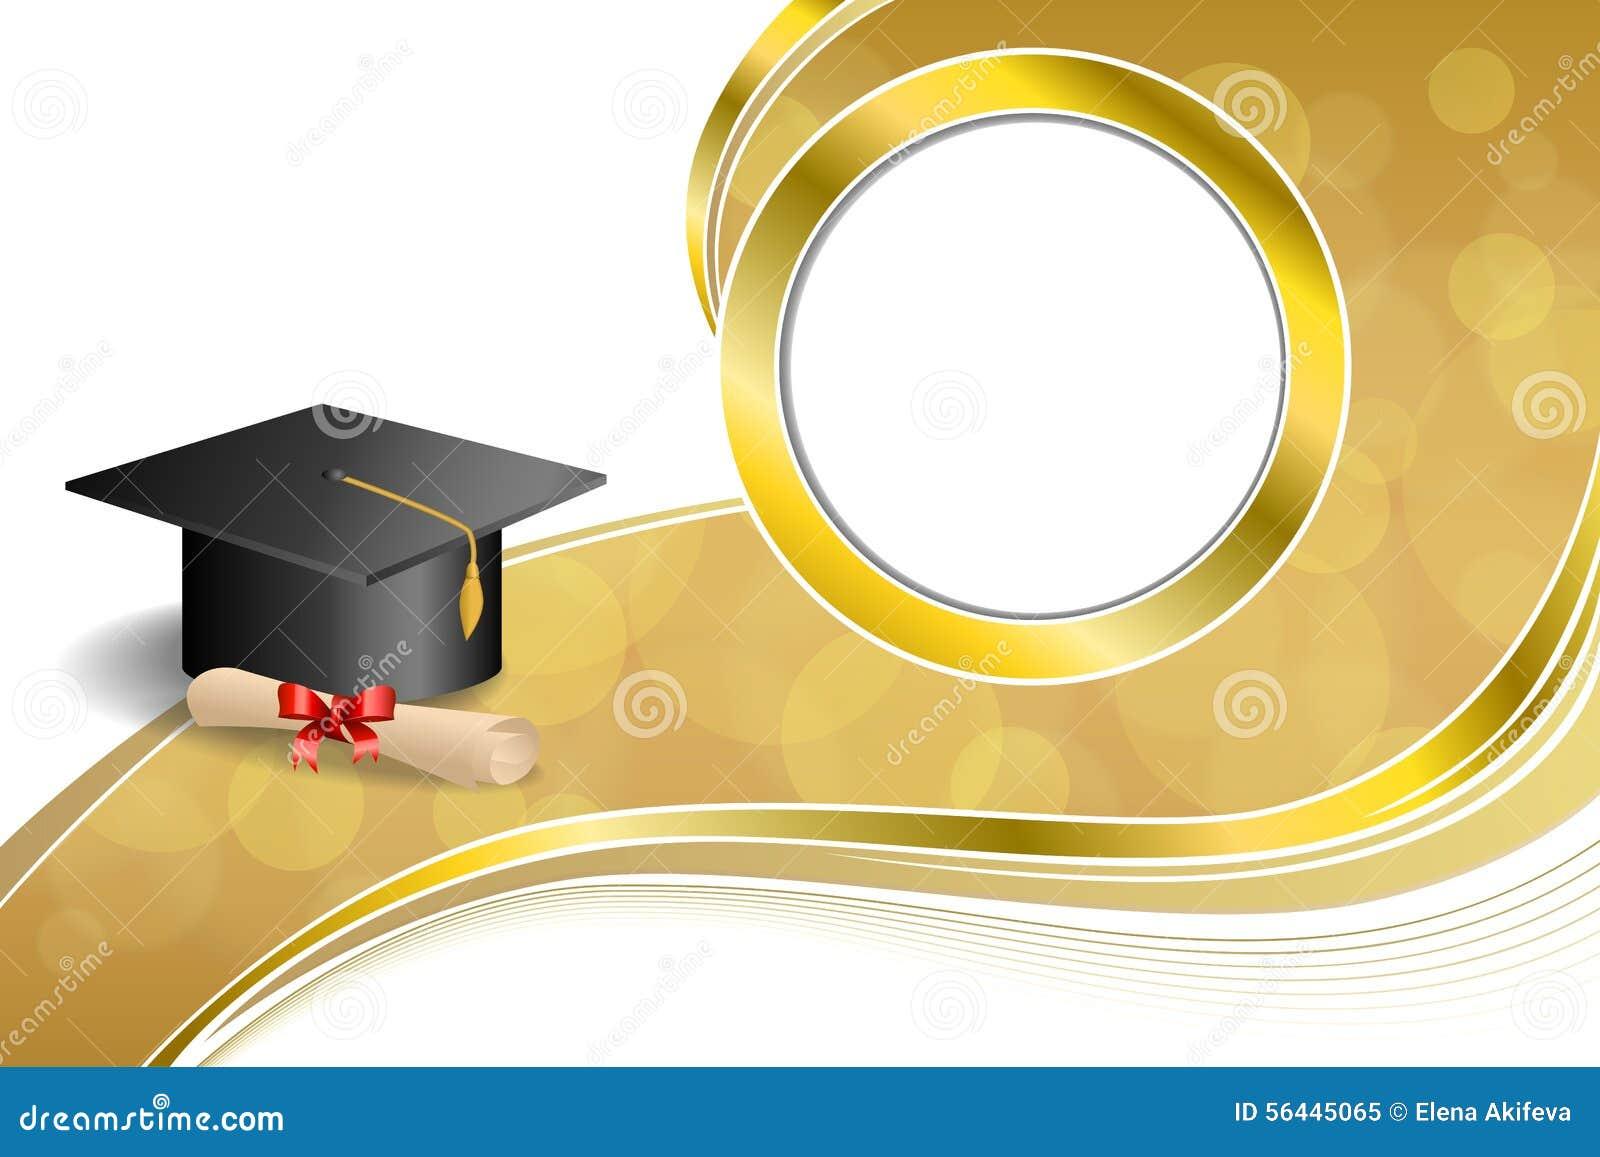 Υποβάθρου αφηρημένη μπεζ εκπαίδευσης βαθμολόγησης ΚΑΠ διπλωμάτων κόκκινη απεικόνιση πλαισίων κύκλων τόξων χρυσή